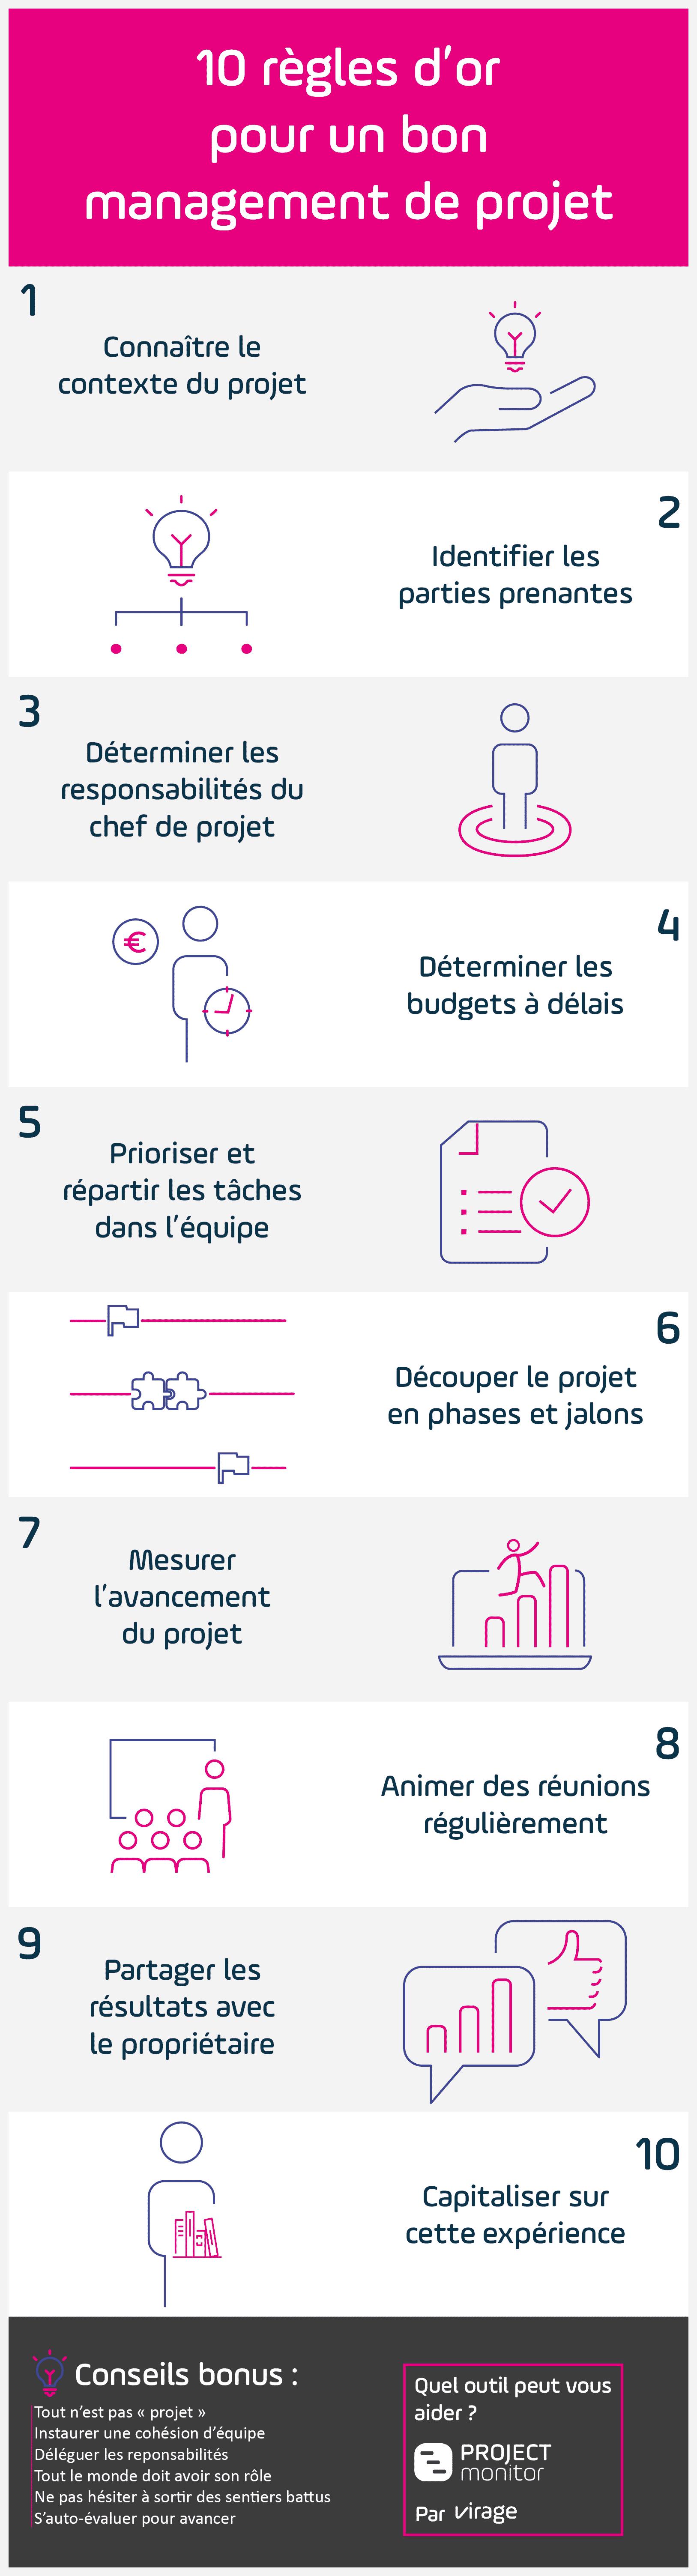 infographie - gestion de projet - 10 règles d'or - management projet - project monitor